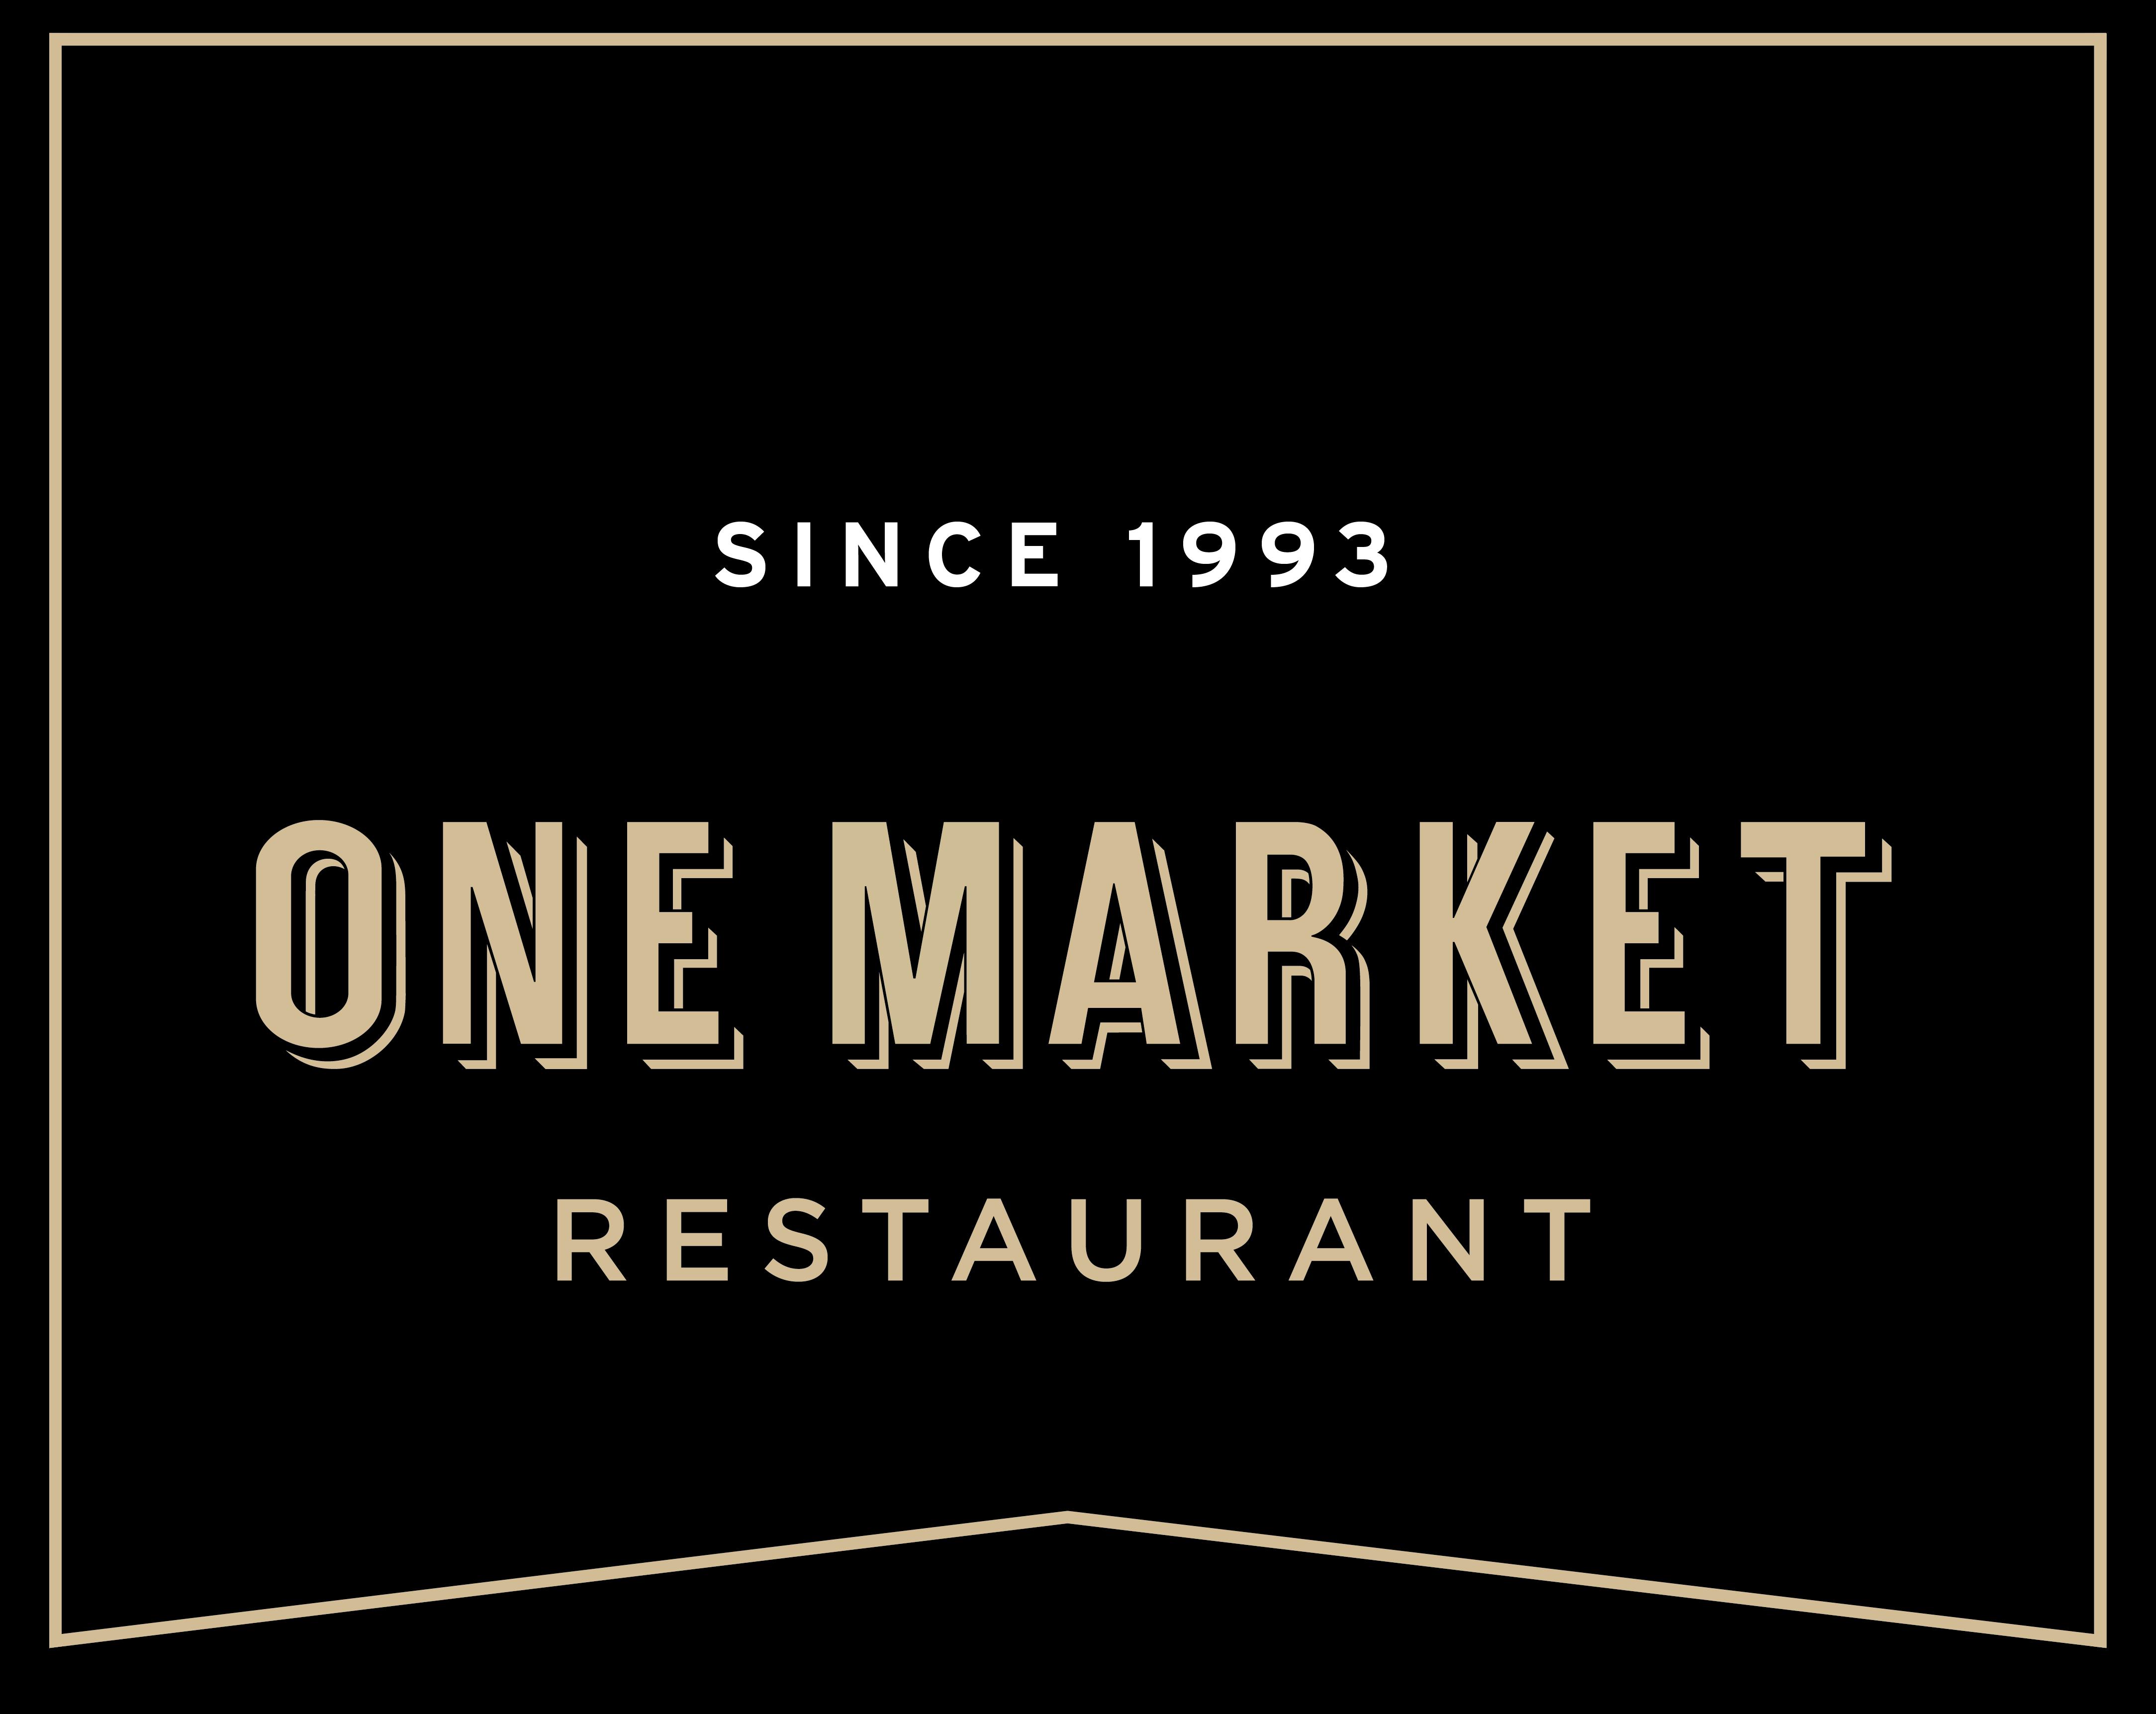 One Market